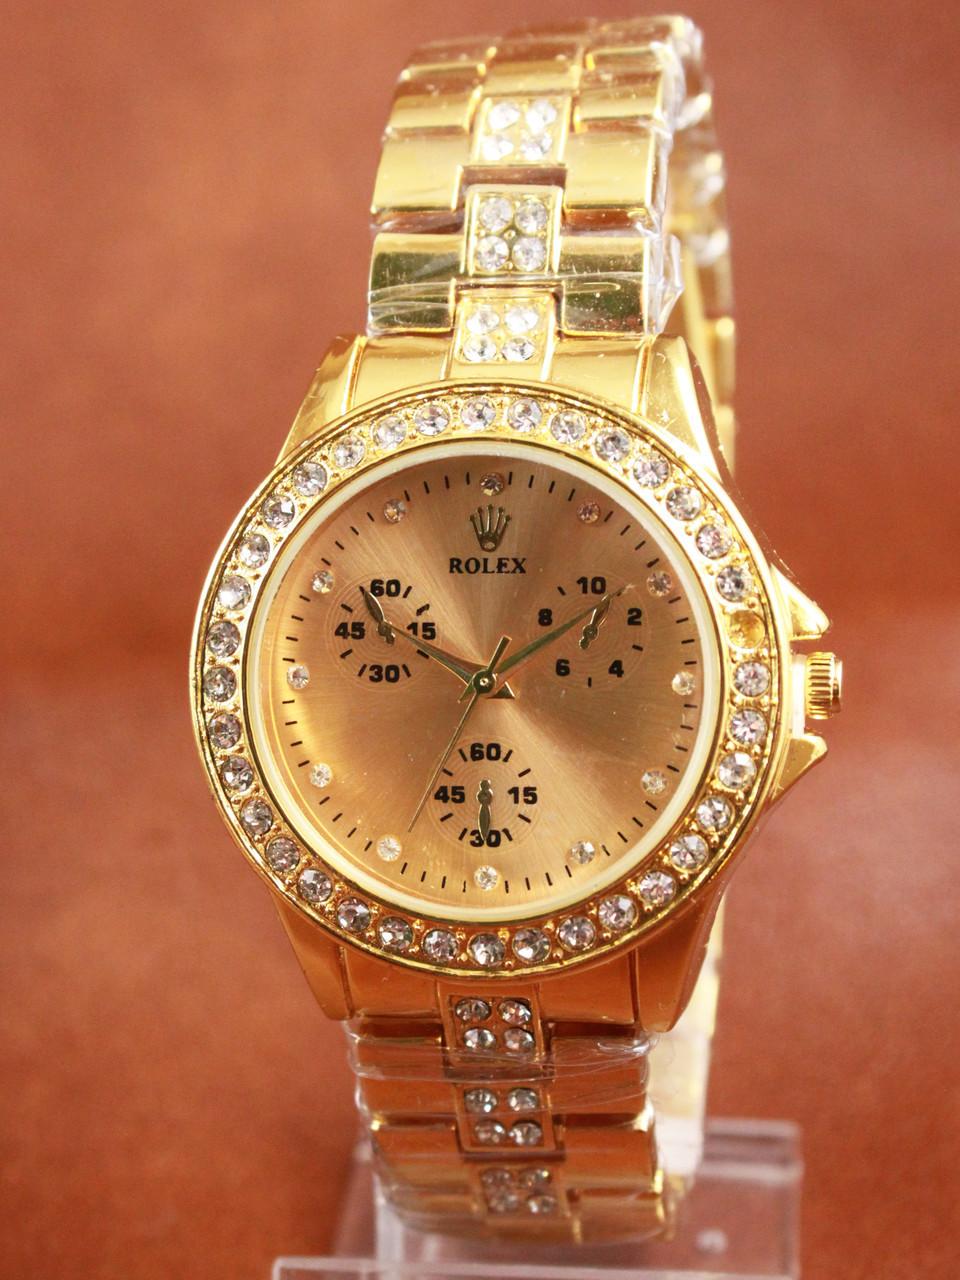 a4f814d0aca2 Женские часы ROLEX, хит! - OptMan - самые низкие цены в Украине в Харькове